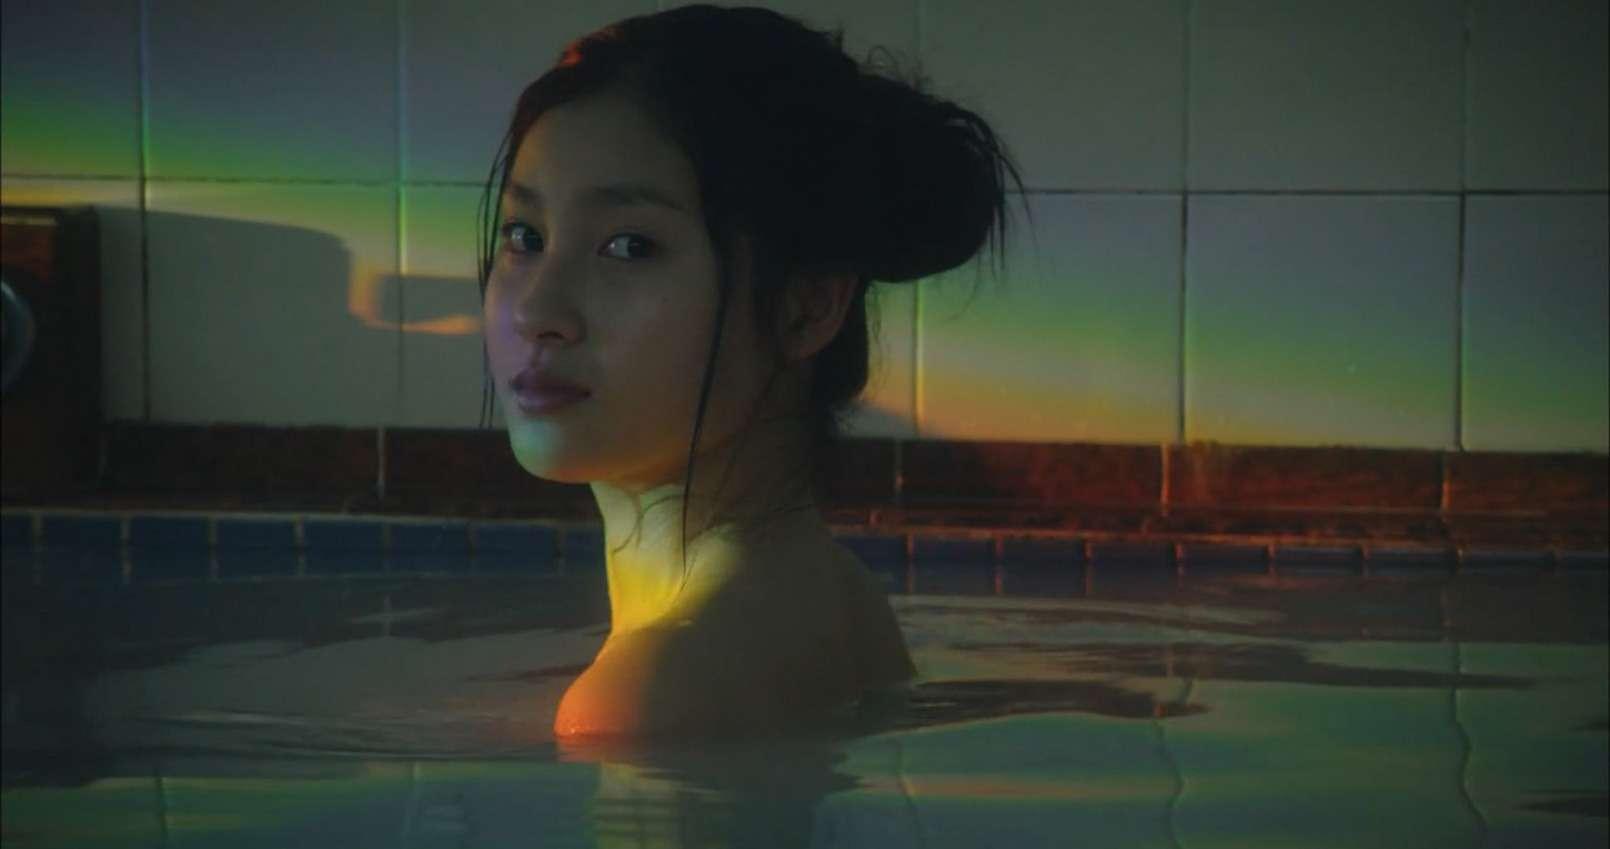 土屋太鳳(22)のアイコラ・胸チラ・グラビア…etcエロ画像80枚・94枚目の画像